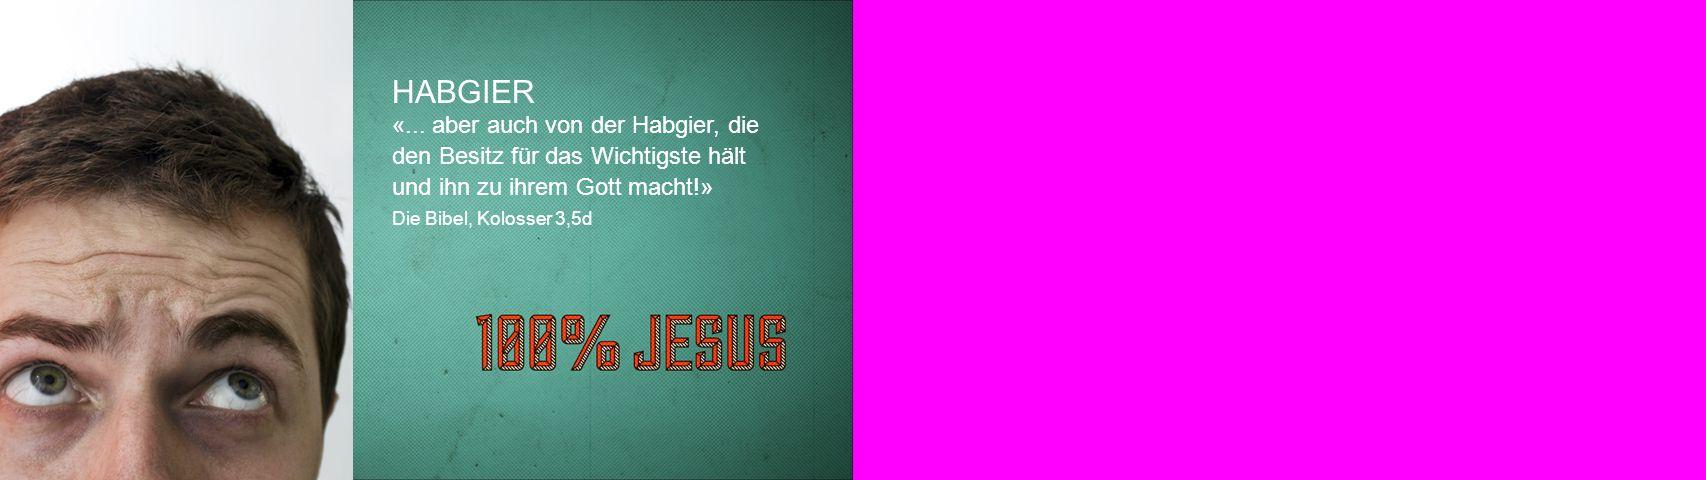 HABGIER «... aber auch von der Habgier, die den Besitz für das Wichtigste hält und ihn zu ihrem Gott macht!»